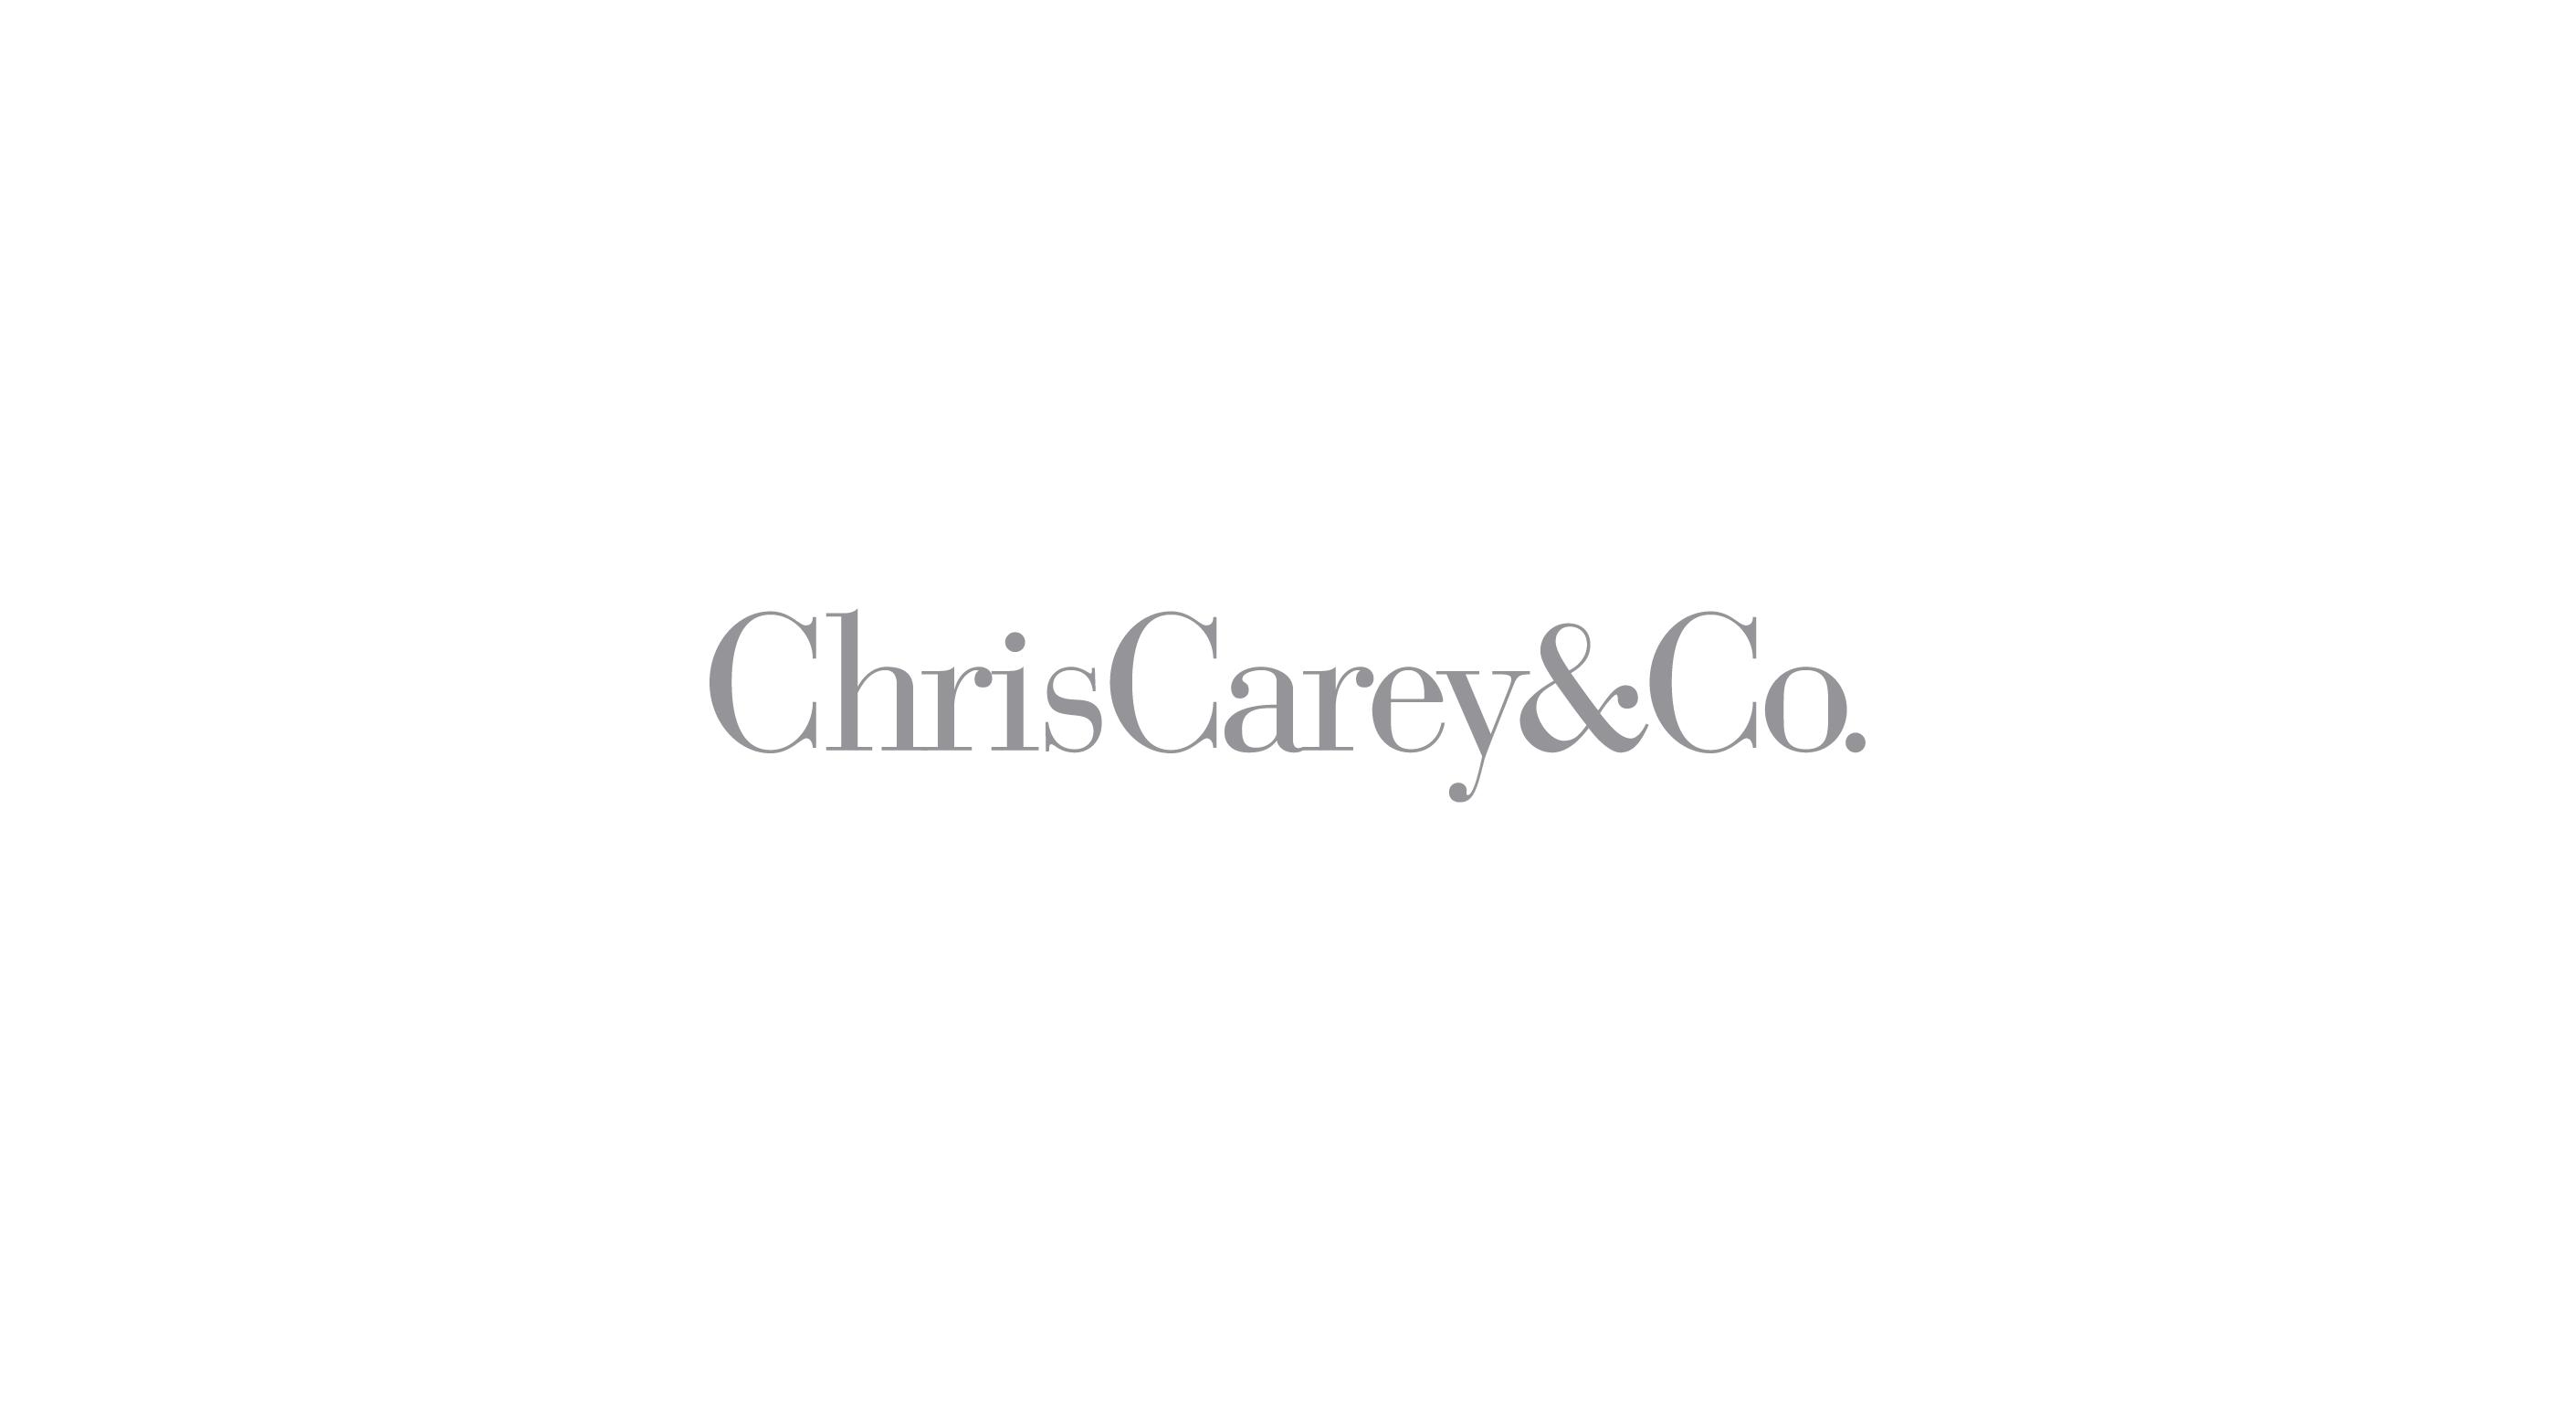 Chris Carey & Co.